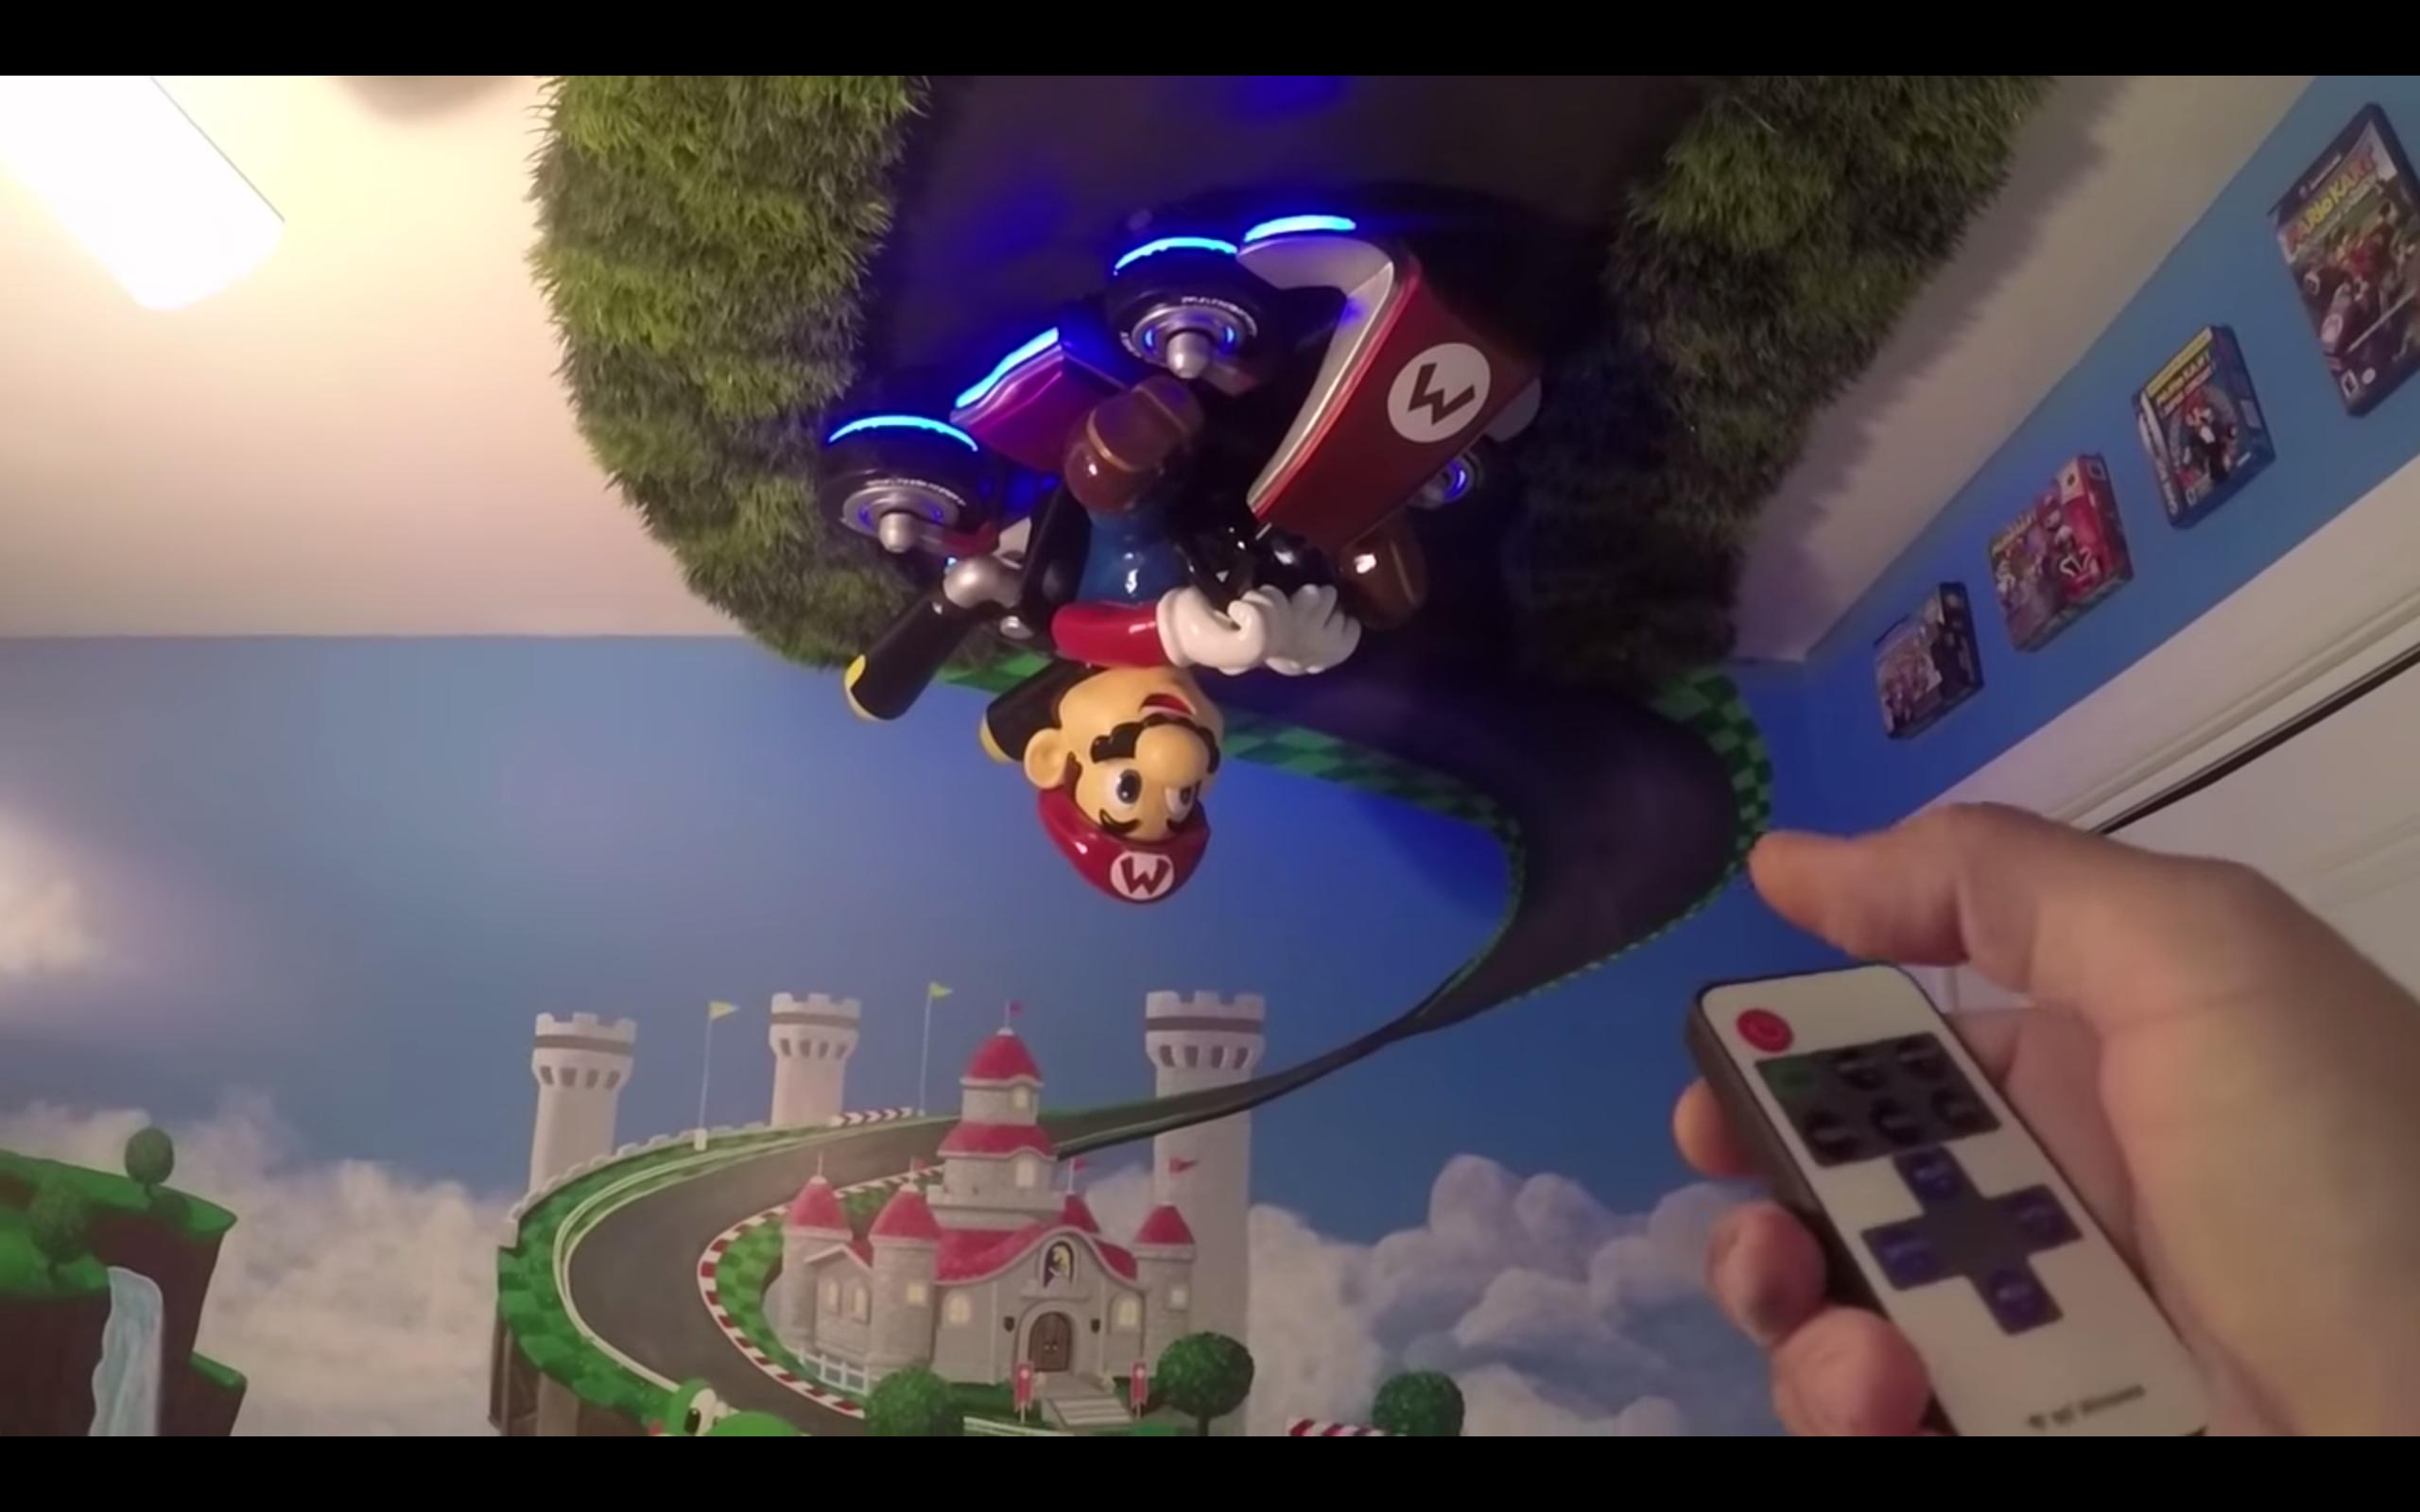 粉絲精心泡製| Mario Kart 嬰兒主題部屋